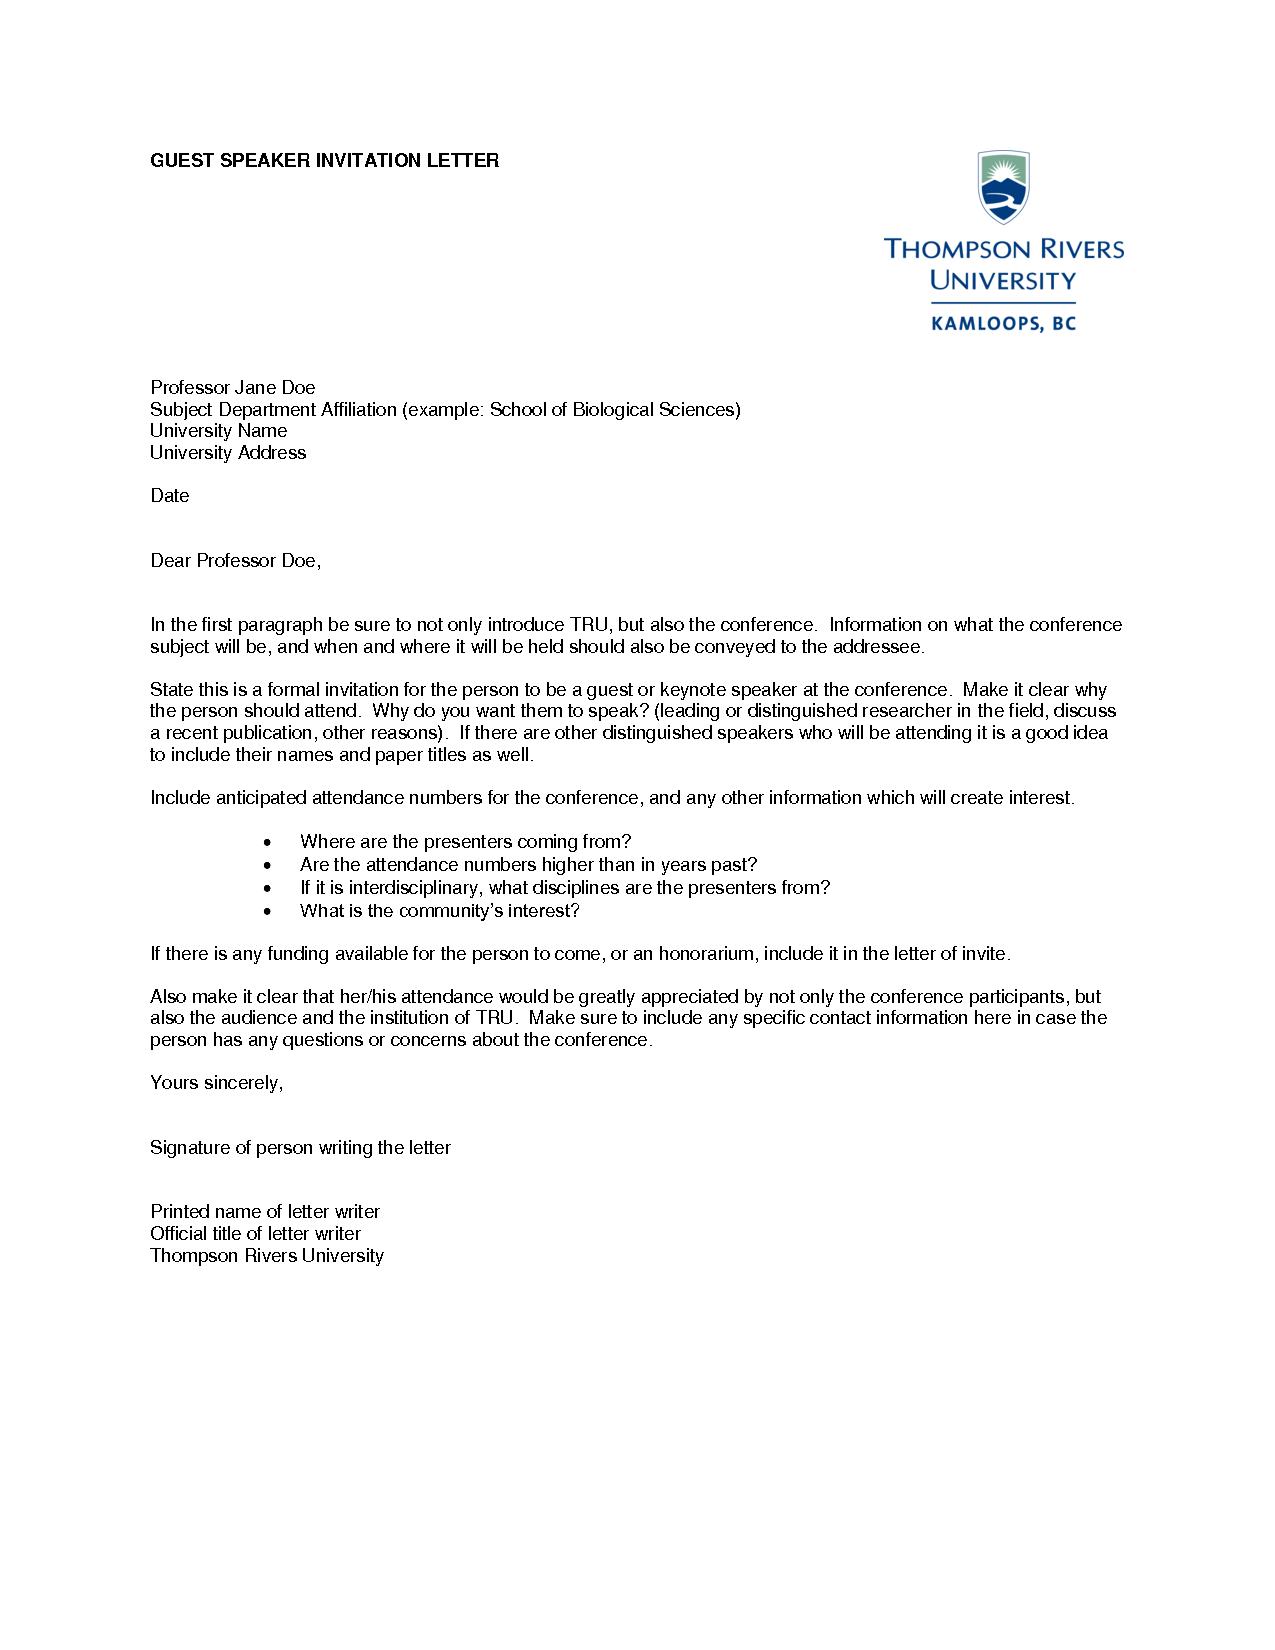 Speaker Invitation Letter Template